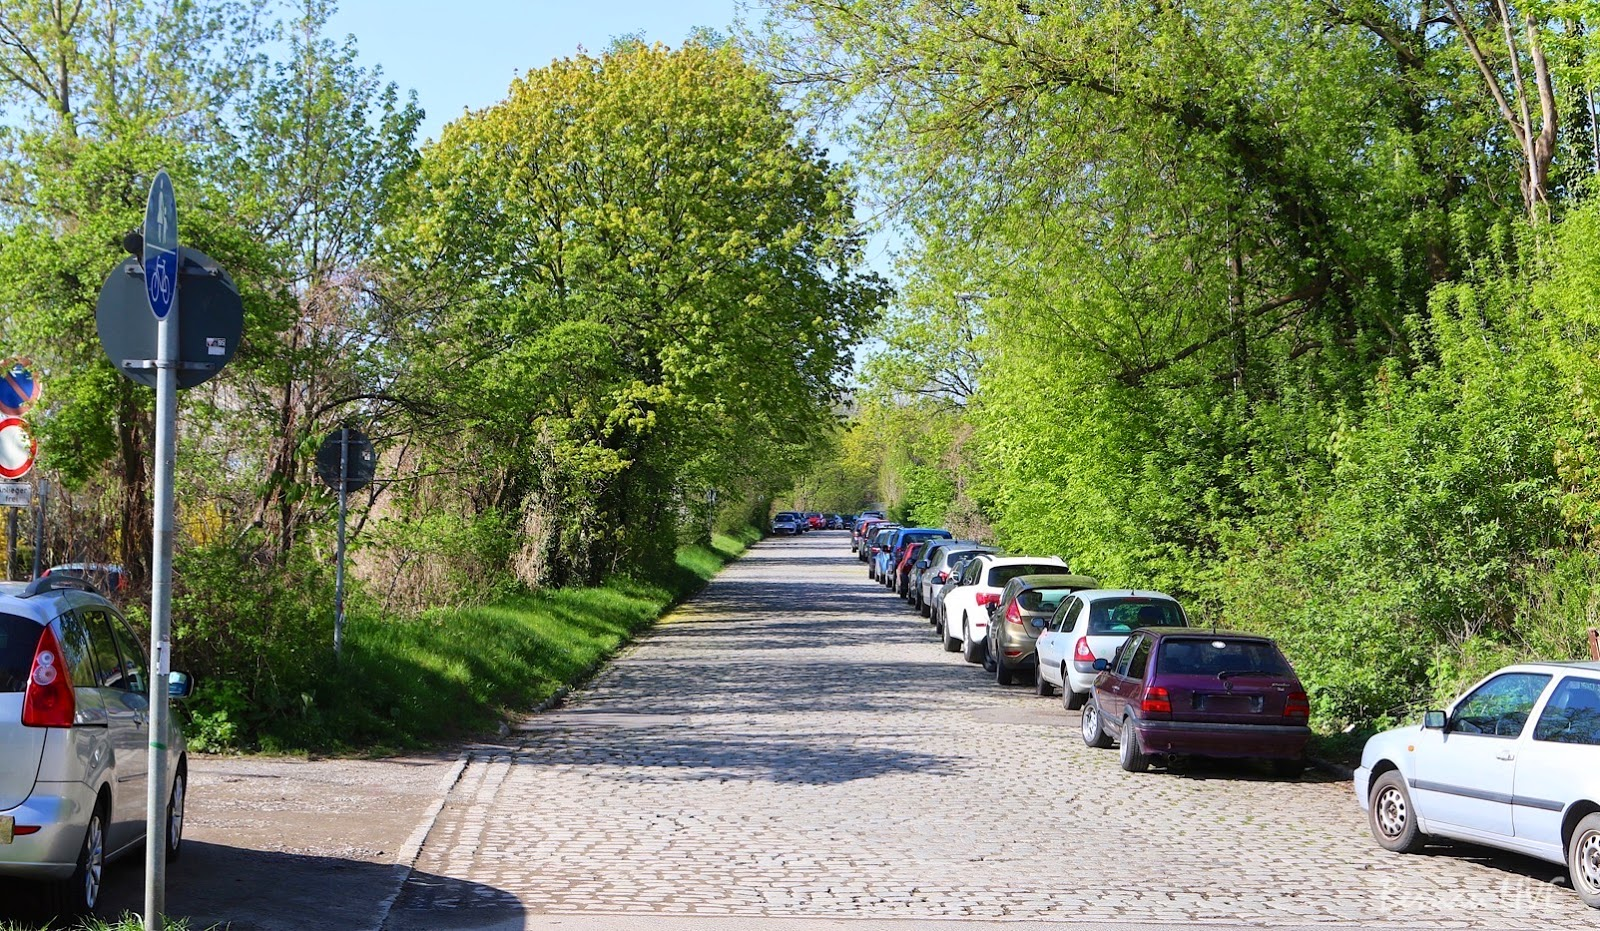 Bernau - Ärgernis: Parken verboten! Strasse auf der Rückseite vom Bahnhof Bernau soll gesperrt werden -